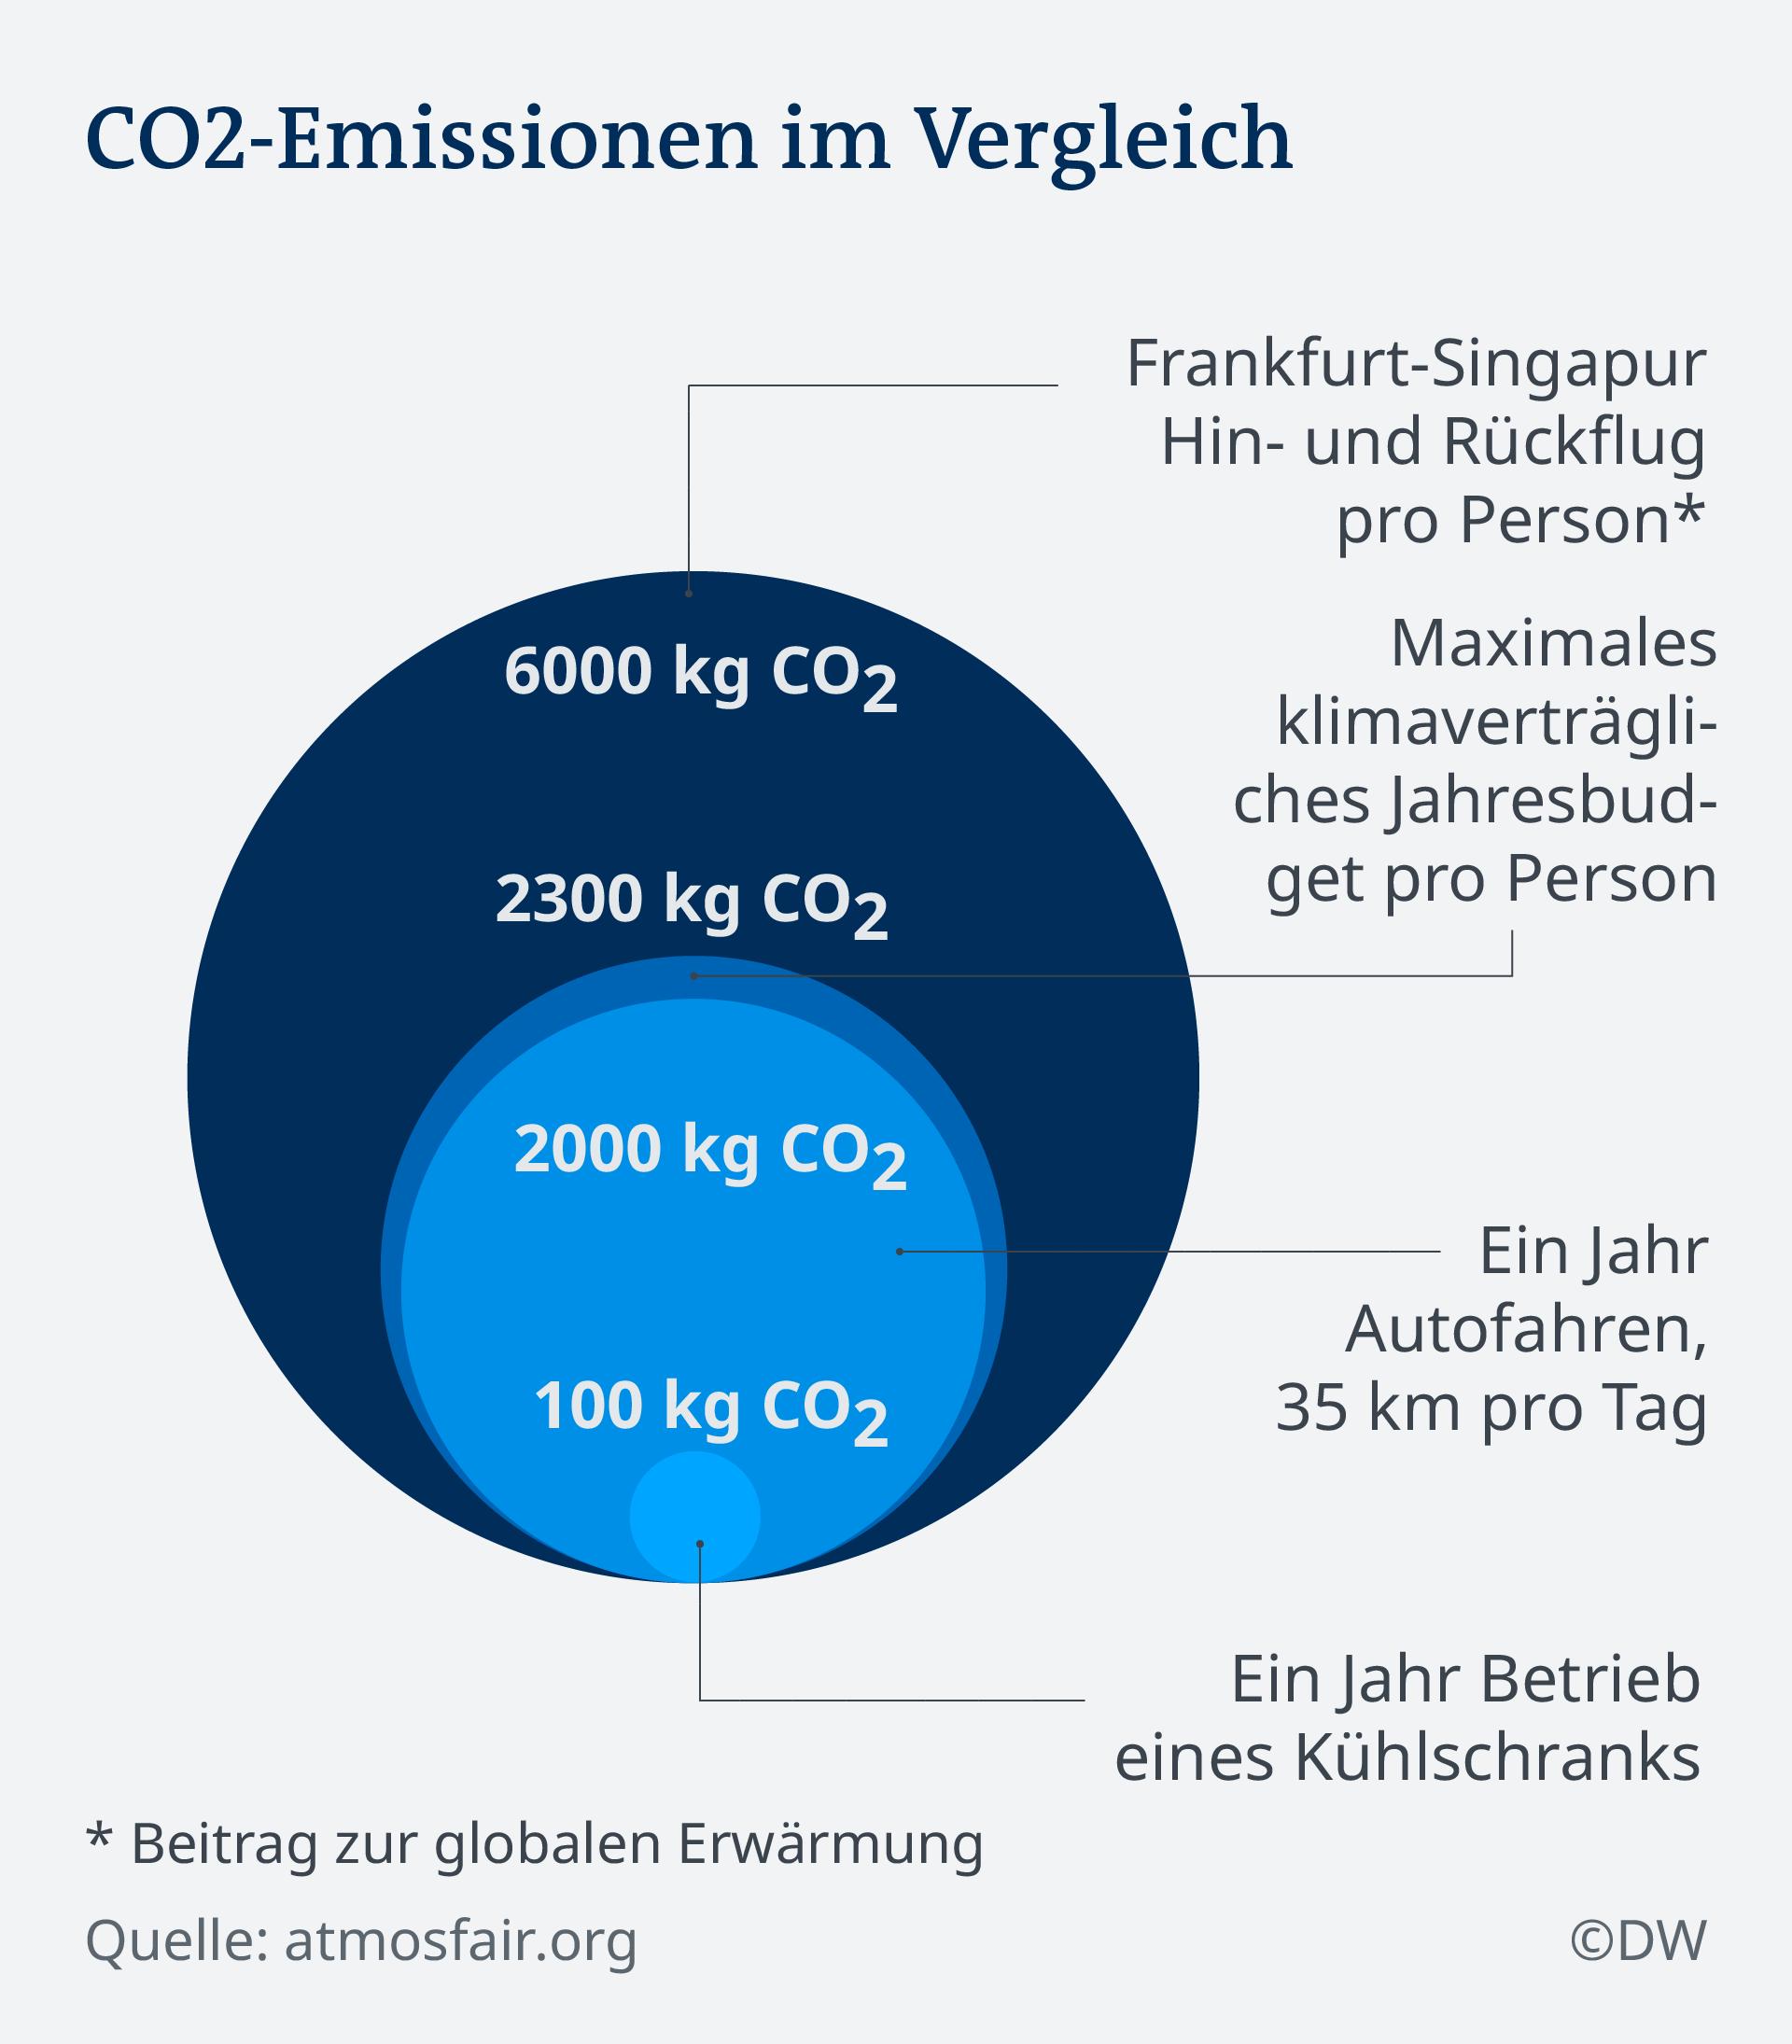 Infografik CO2-Emissionen im Vergleich